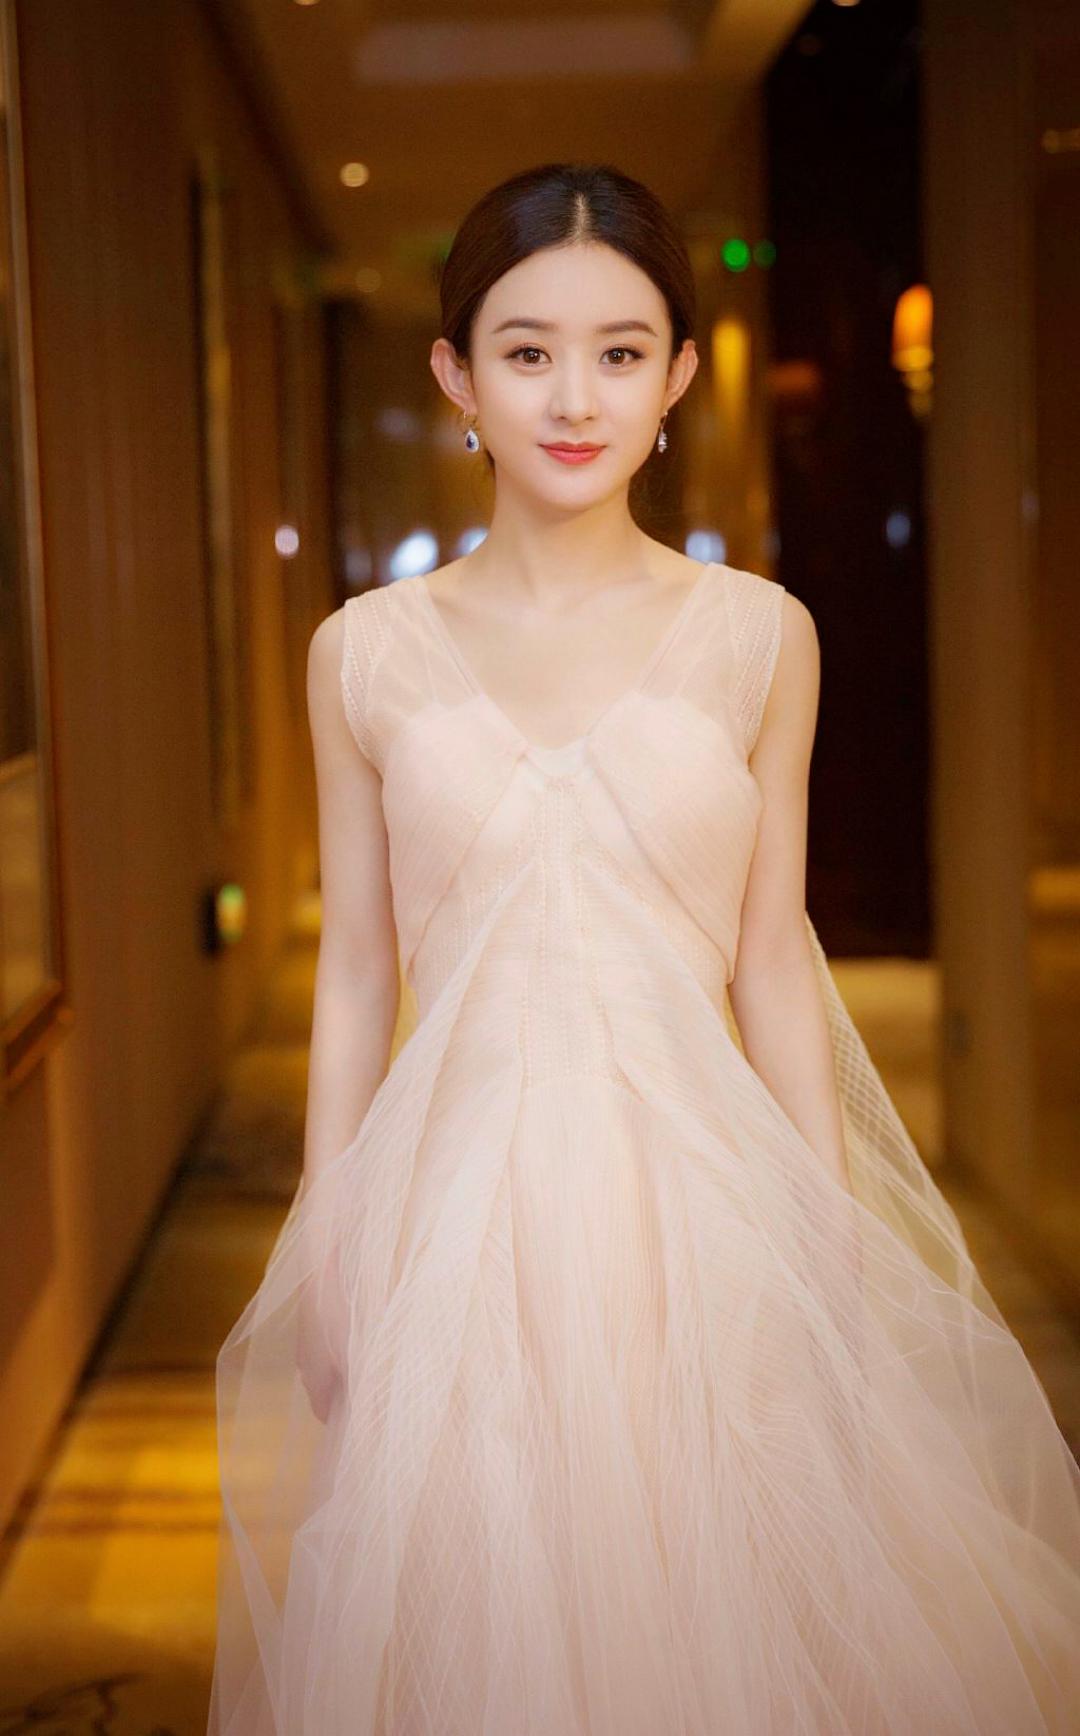 韓國演員張娜拉因一句話被討厭,其實她沒有辱華,也沒有被封殺